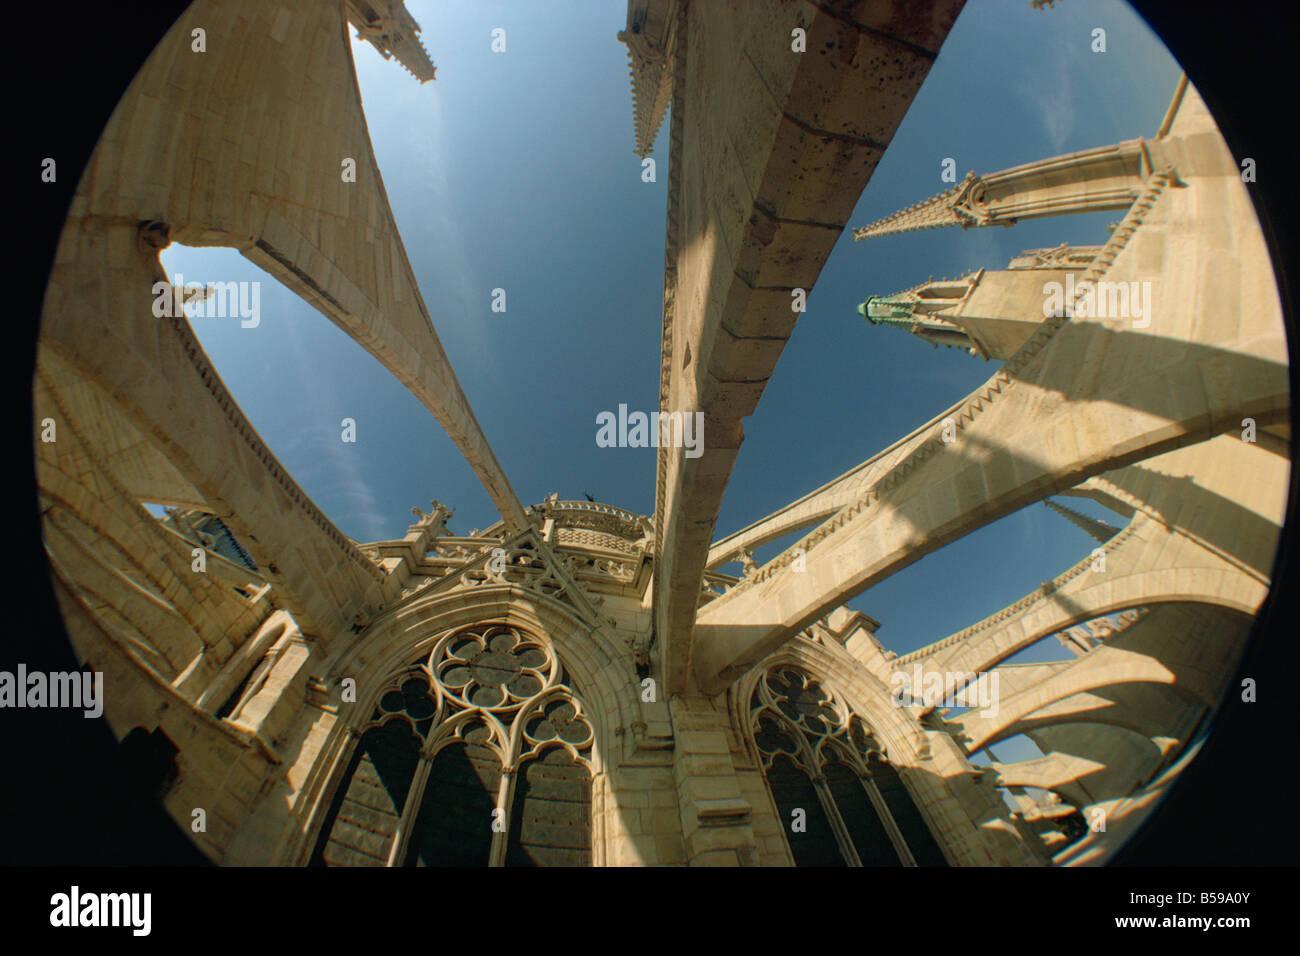 Fisch Blick Objektiv auf die fliegenden Steinstrehlen der Kathedrale Notre Dame, Paris, Frankreich, Europa Stockbild